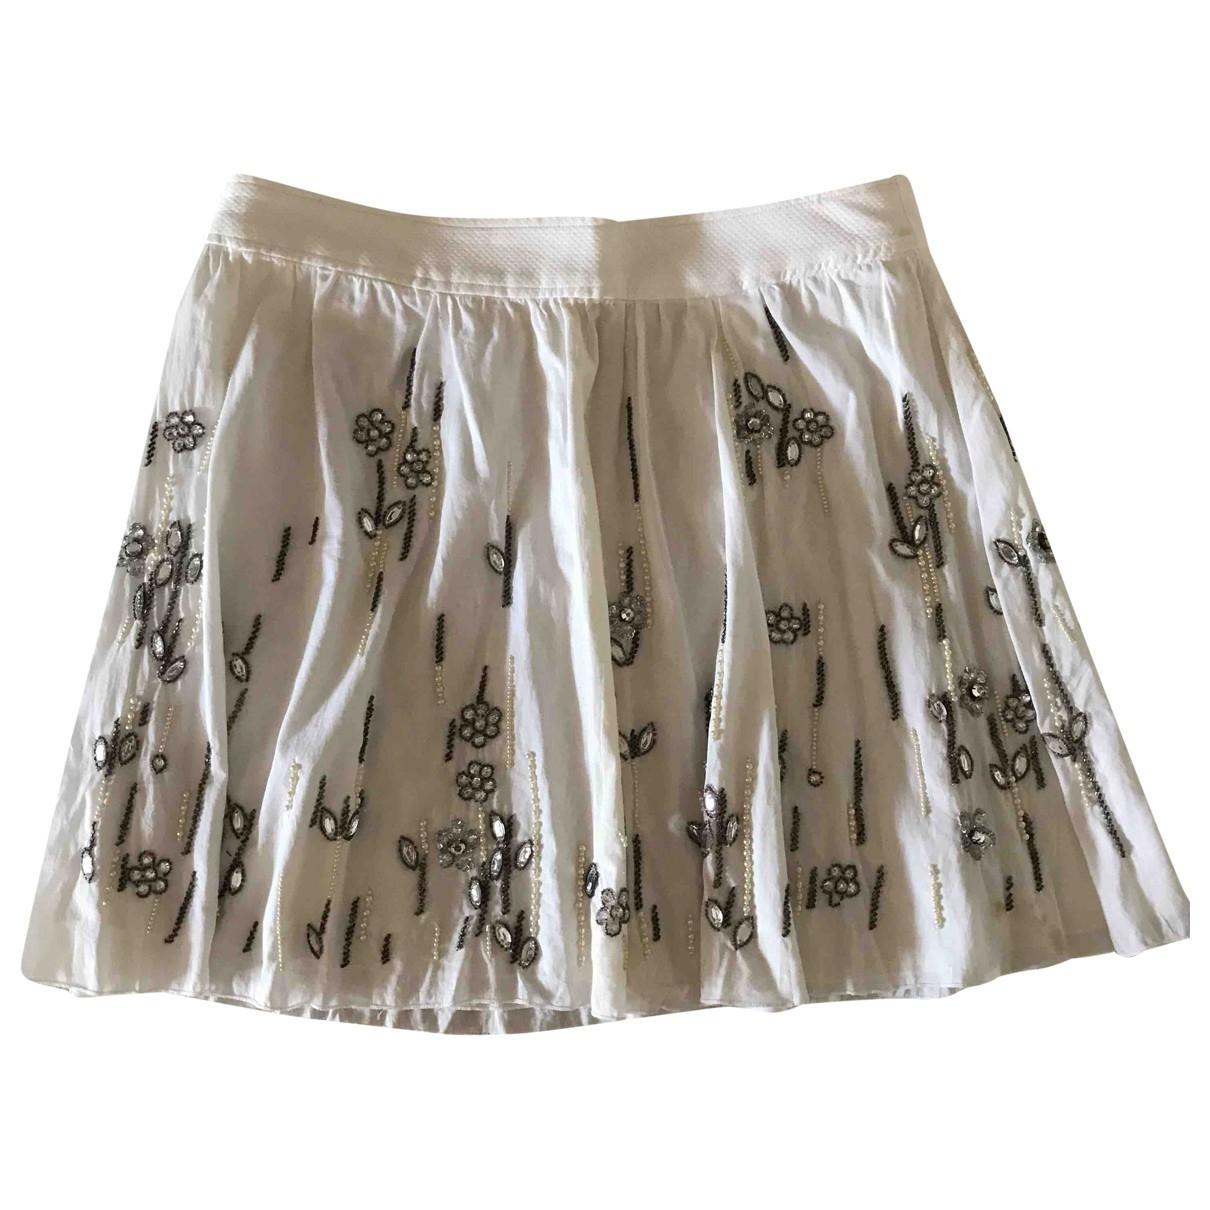 D&g \N White Cotton skirt for Women 40 IT